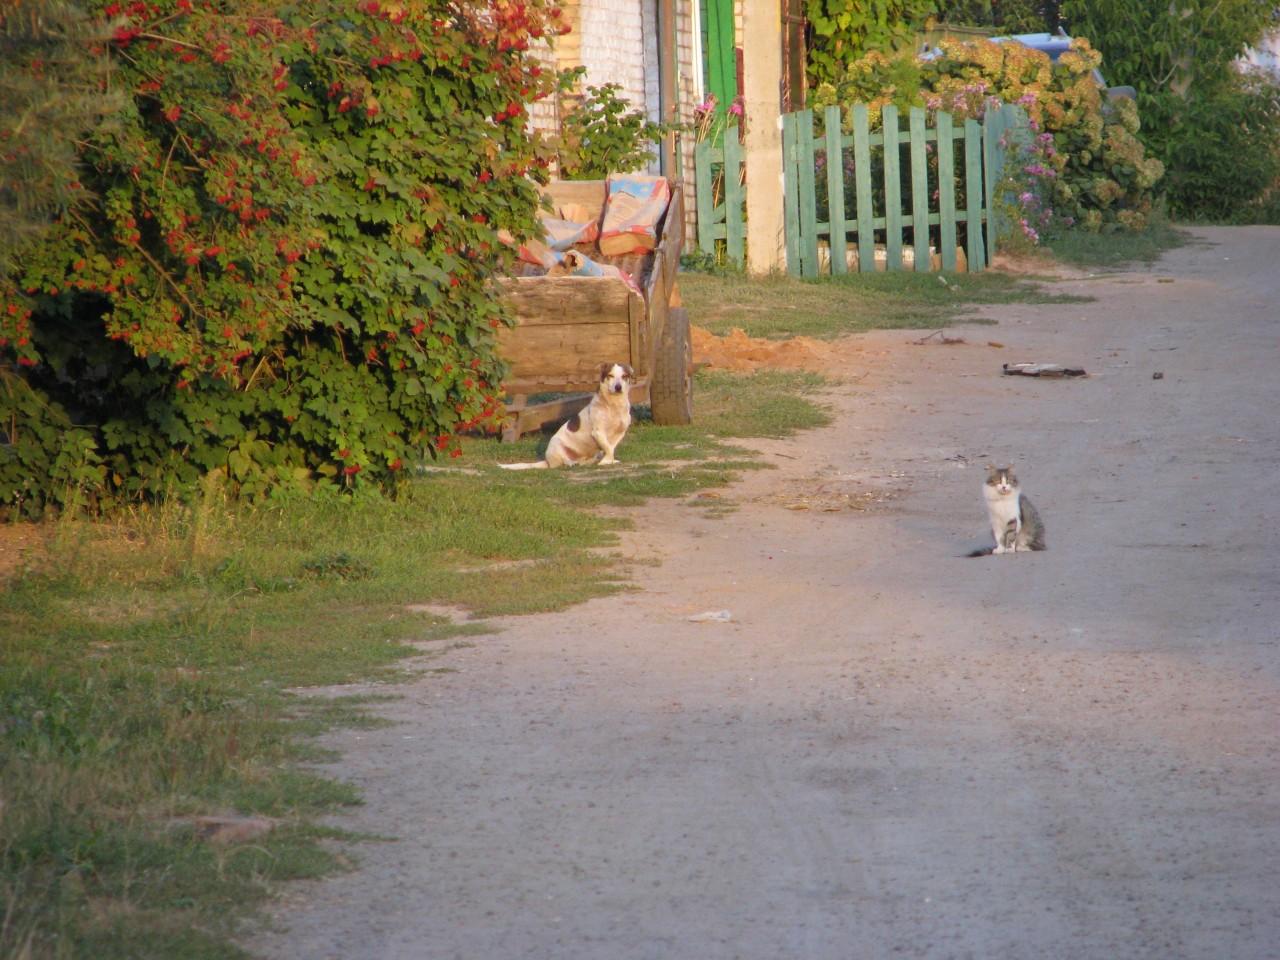 Братья наши меньшие: в народе говорят, что на том свете кошка будет царапать своего убийцу